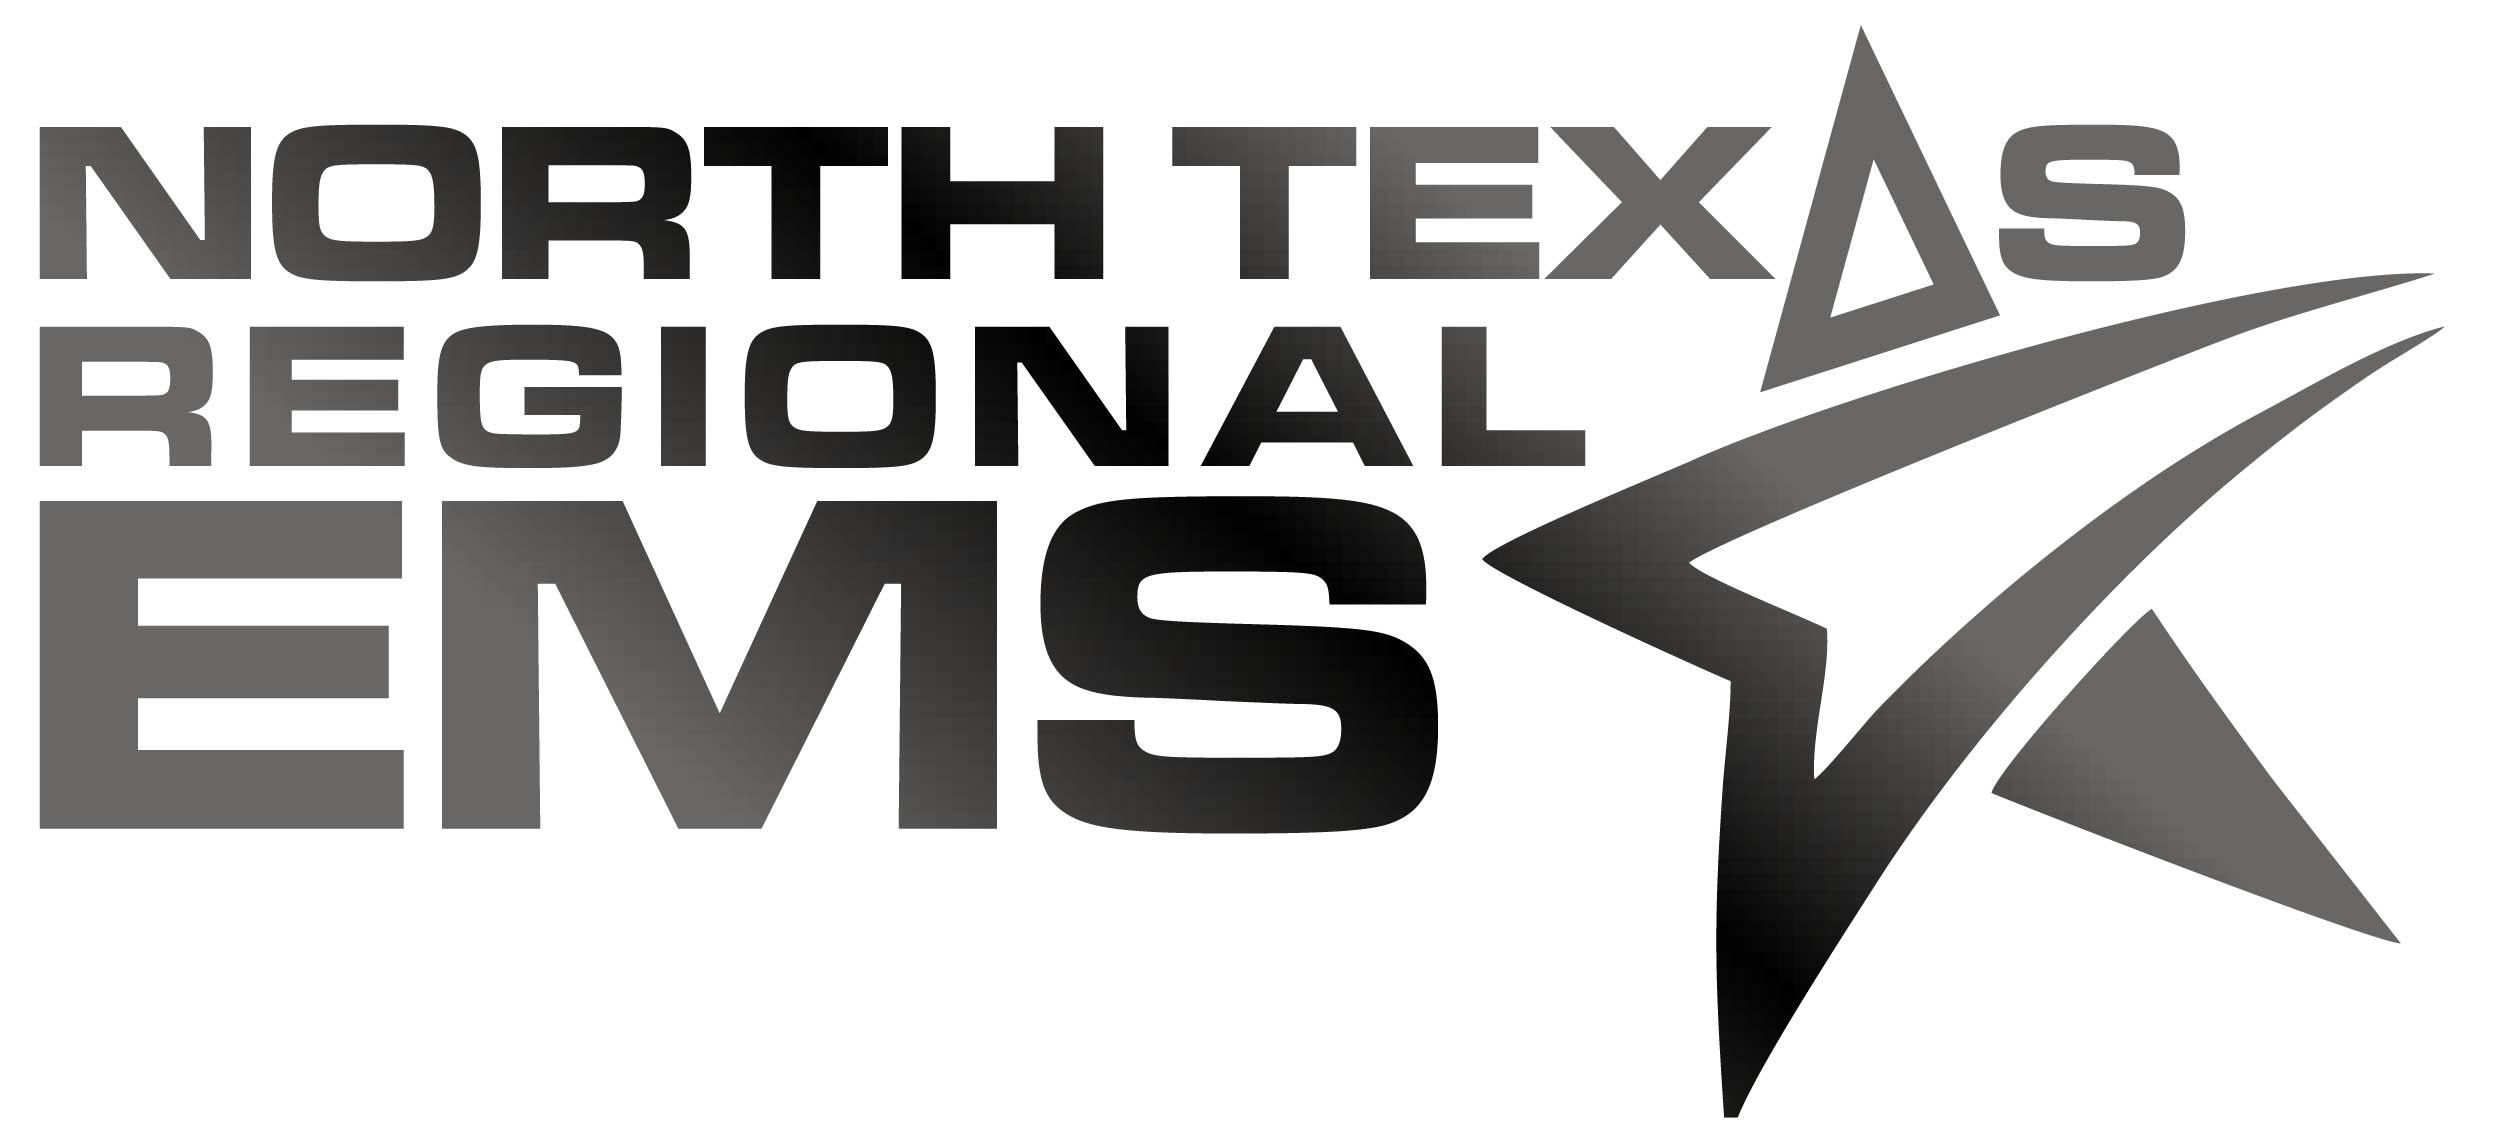 North Texas Regional EMS logo